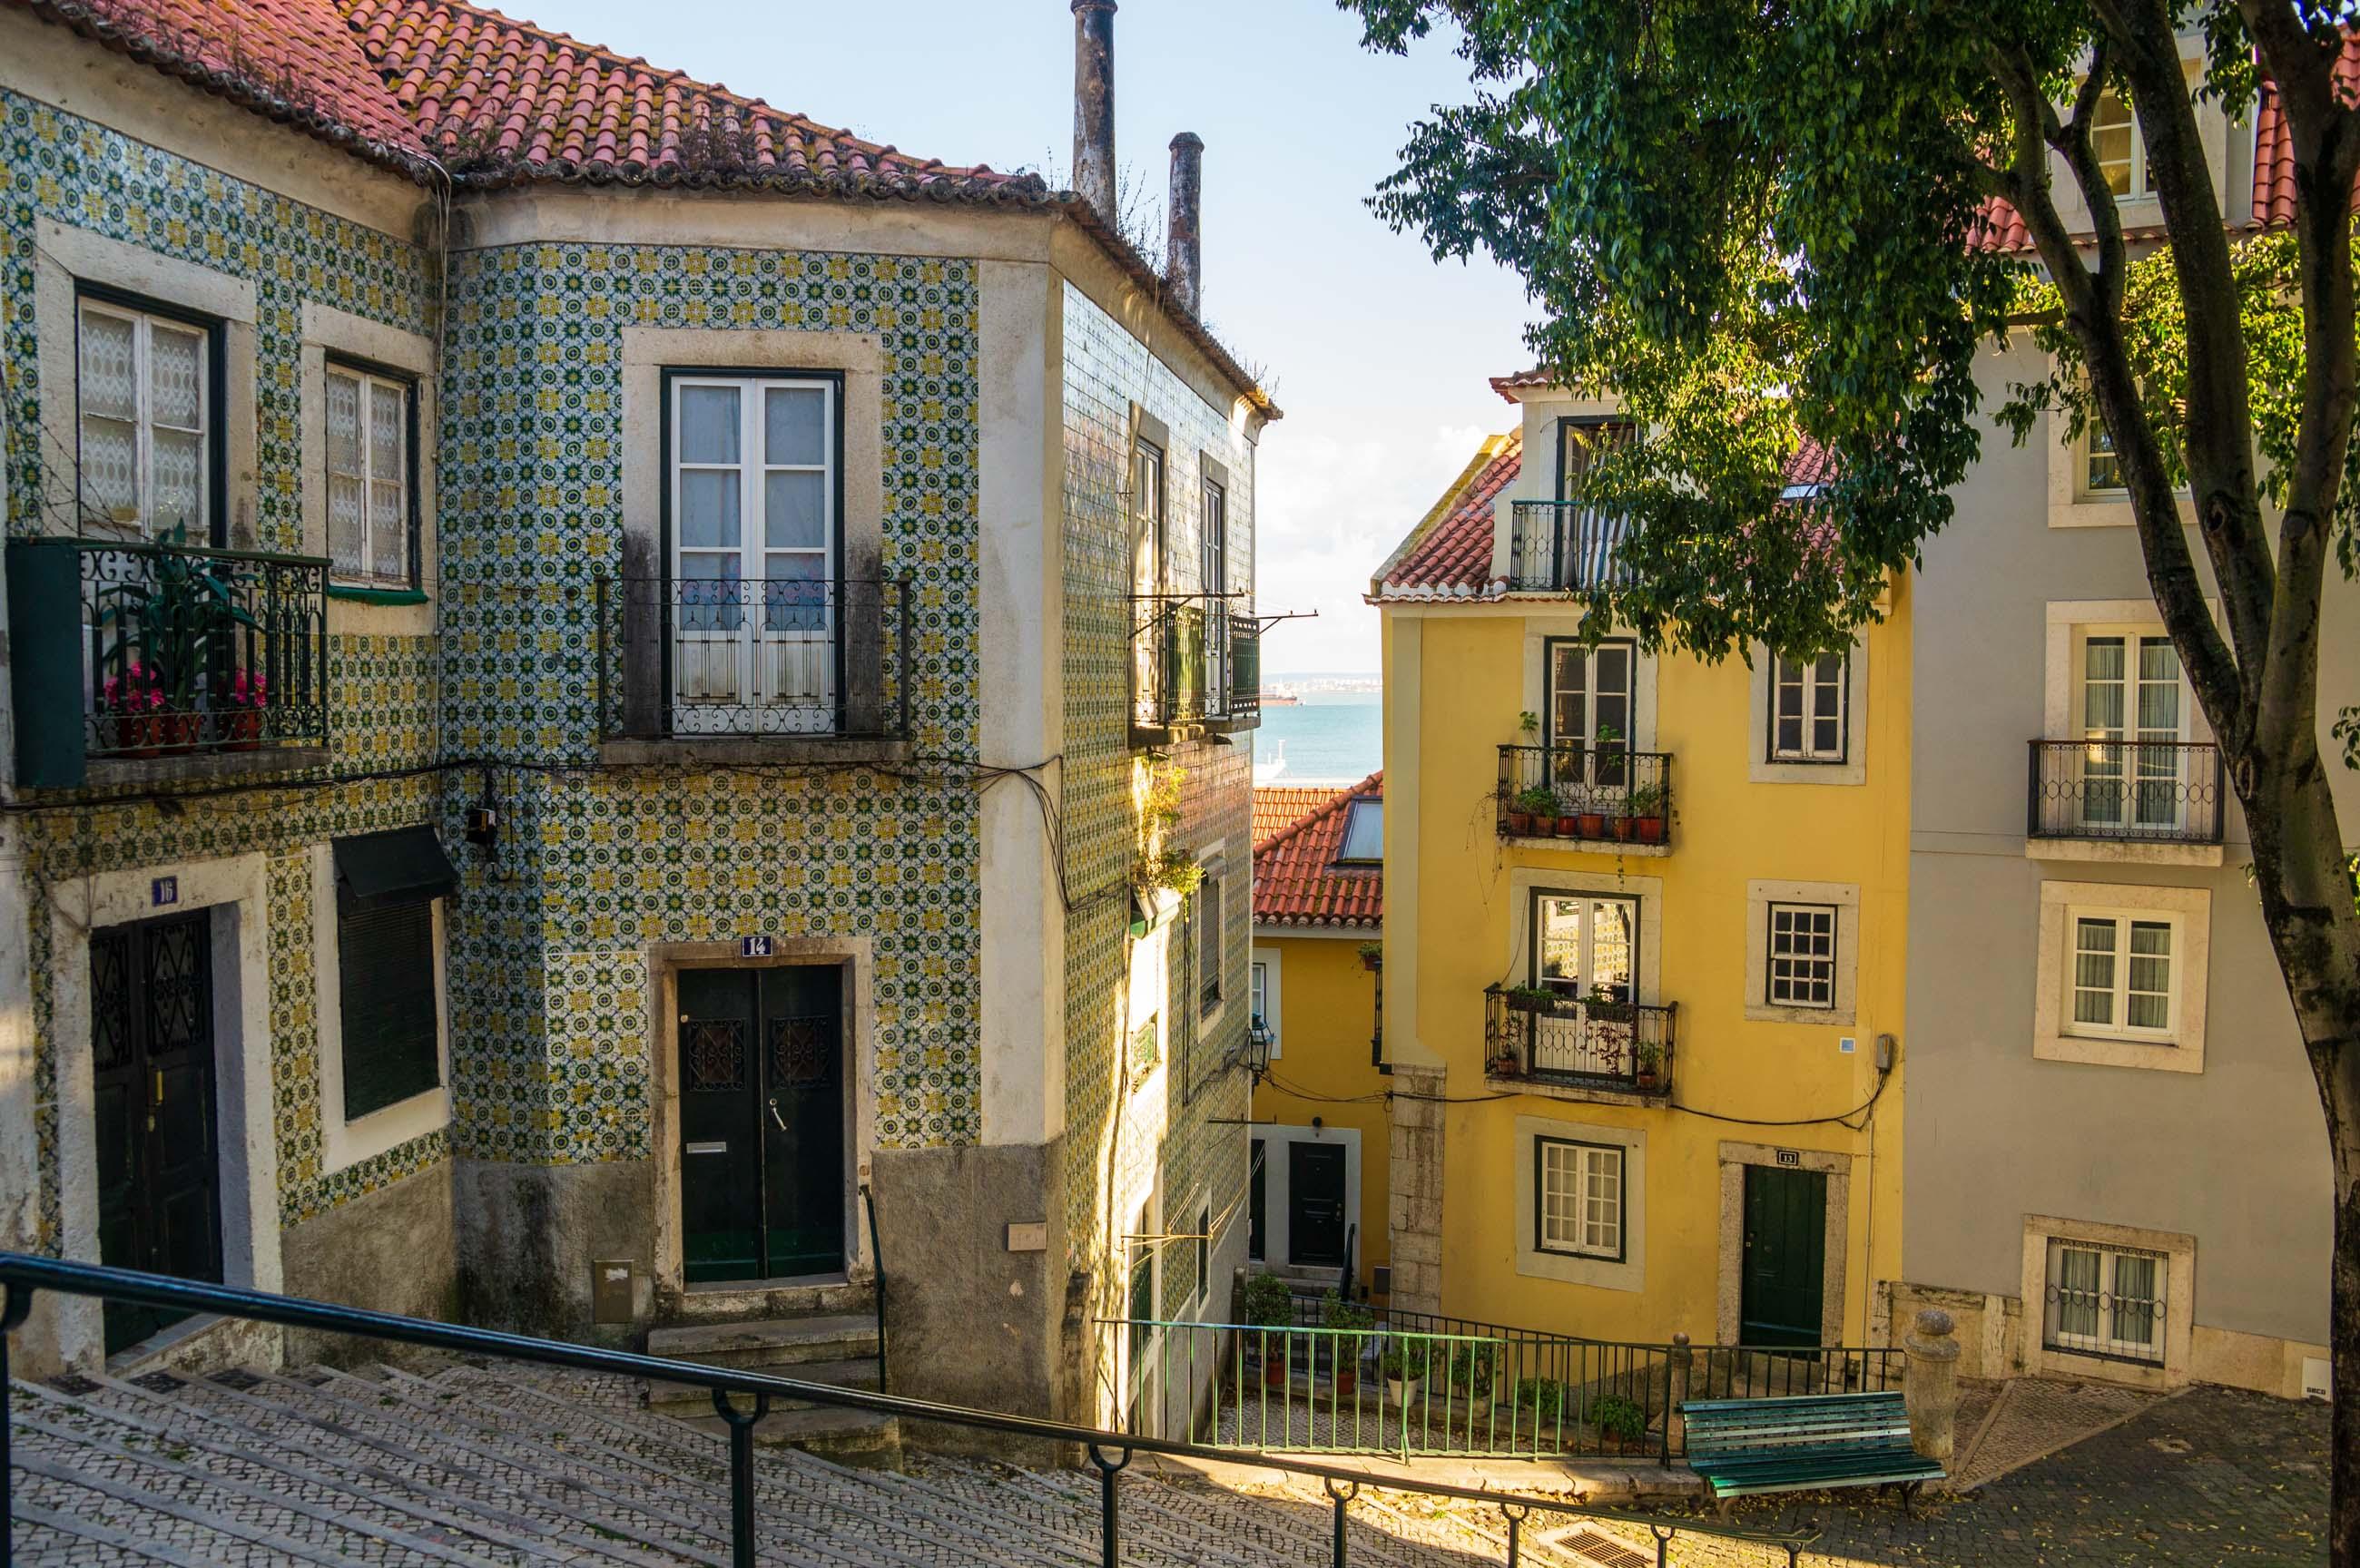 https://bubo.sk/uploads/galleries/5052/jozefzeliznakst_portugalsko_lisabon_dsc06054.jpg